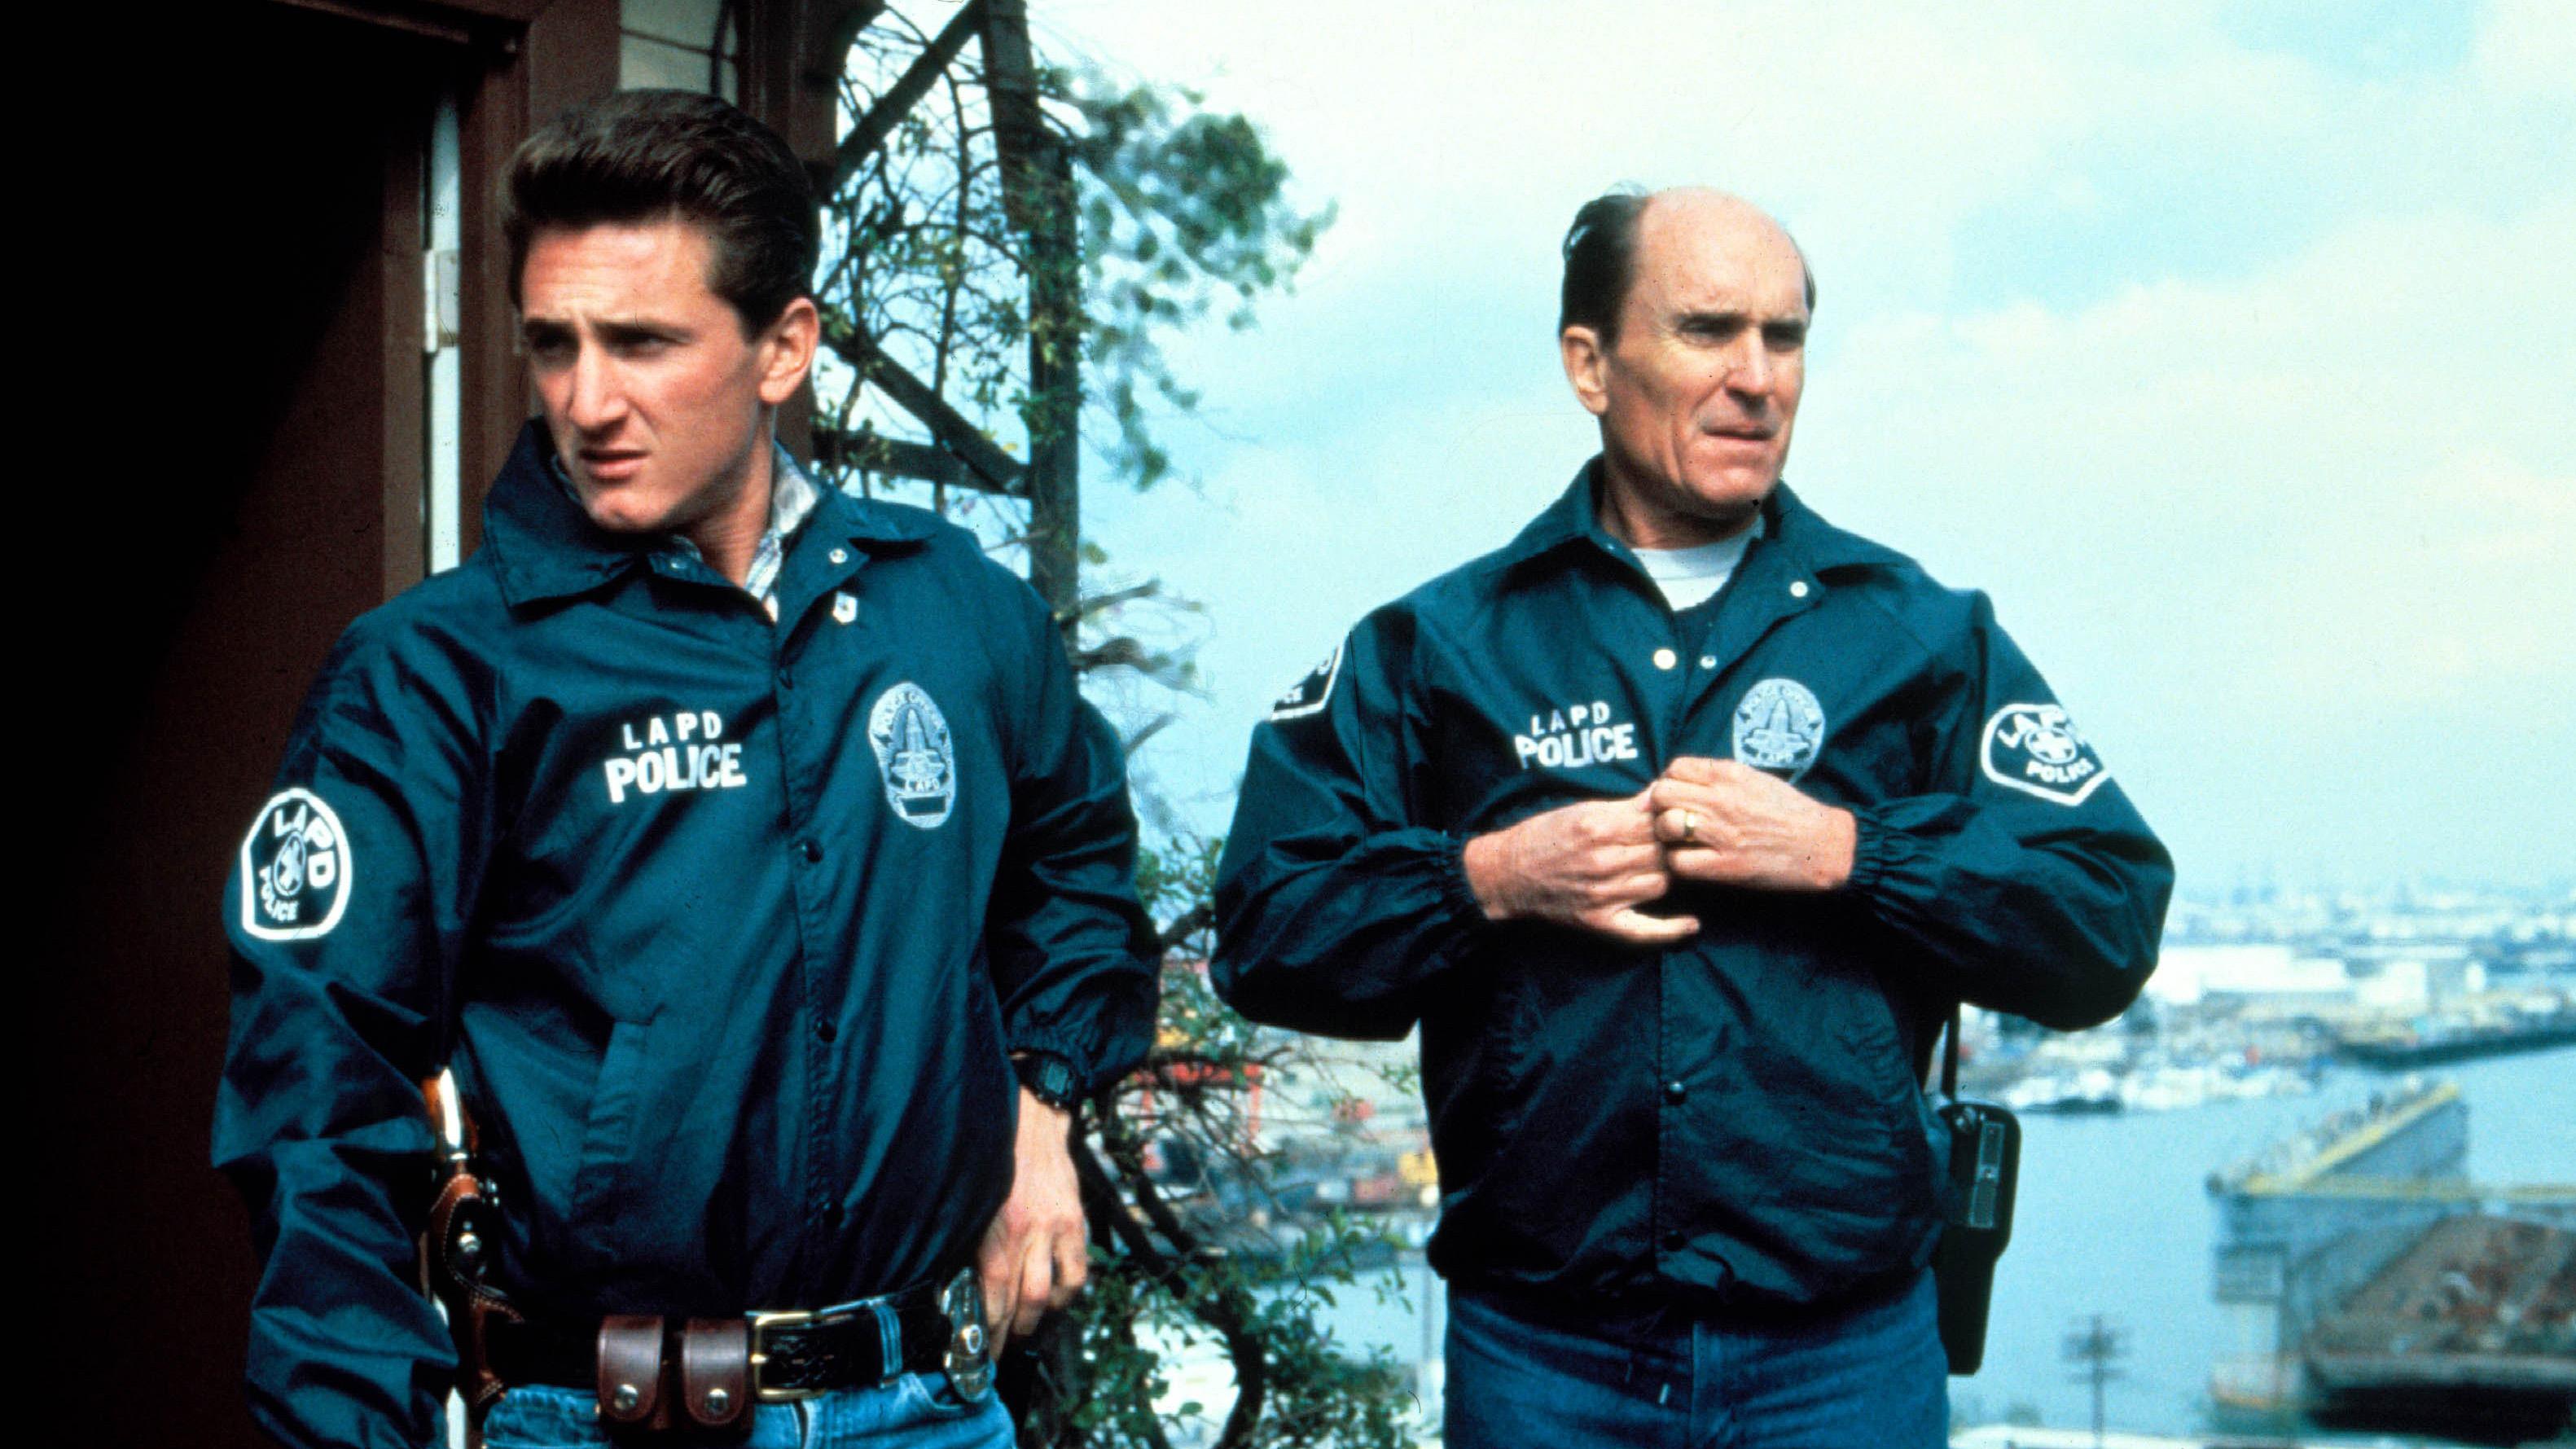 Top 5 Cop Movies by Sgt. Sean 'Sticks' Larkin